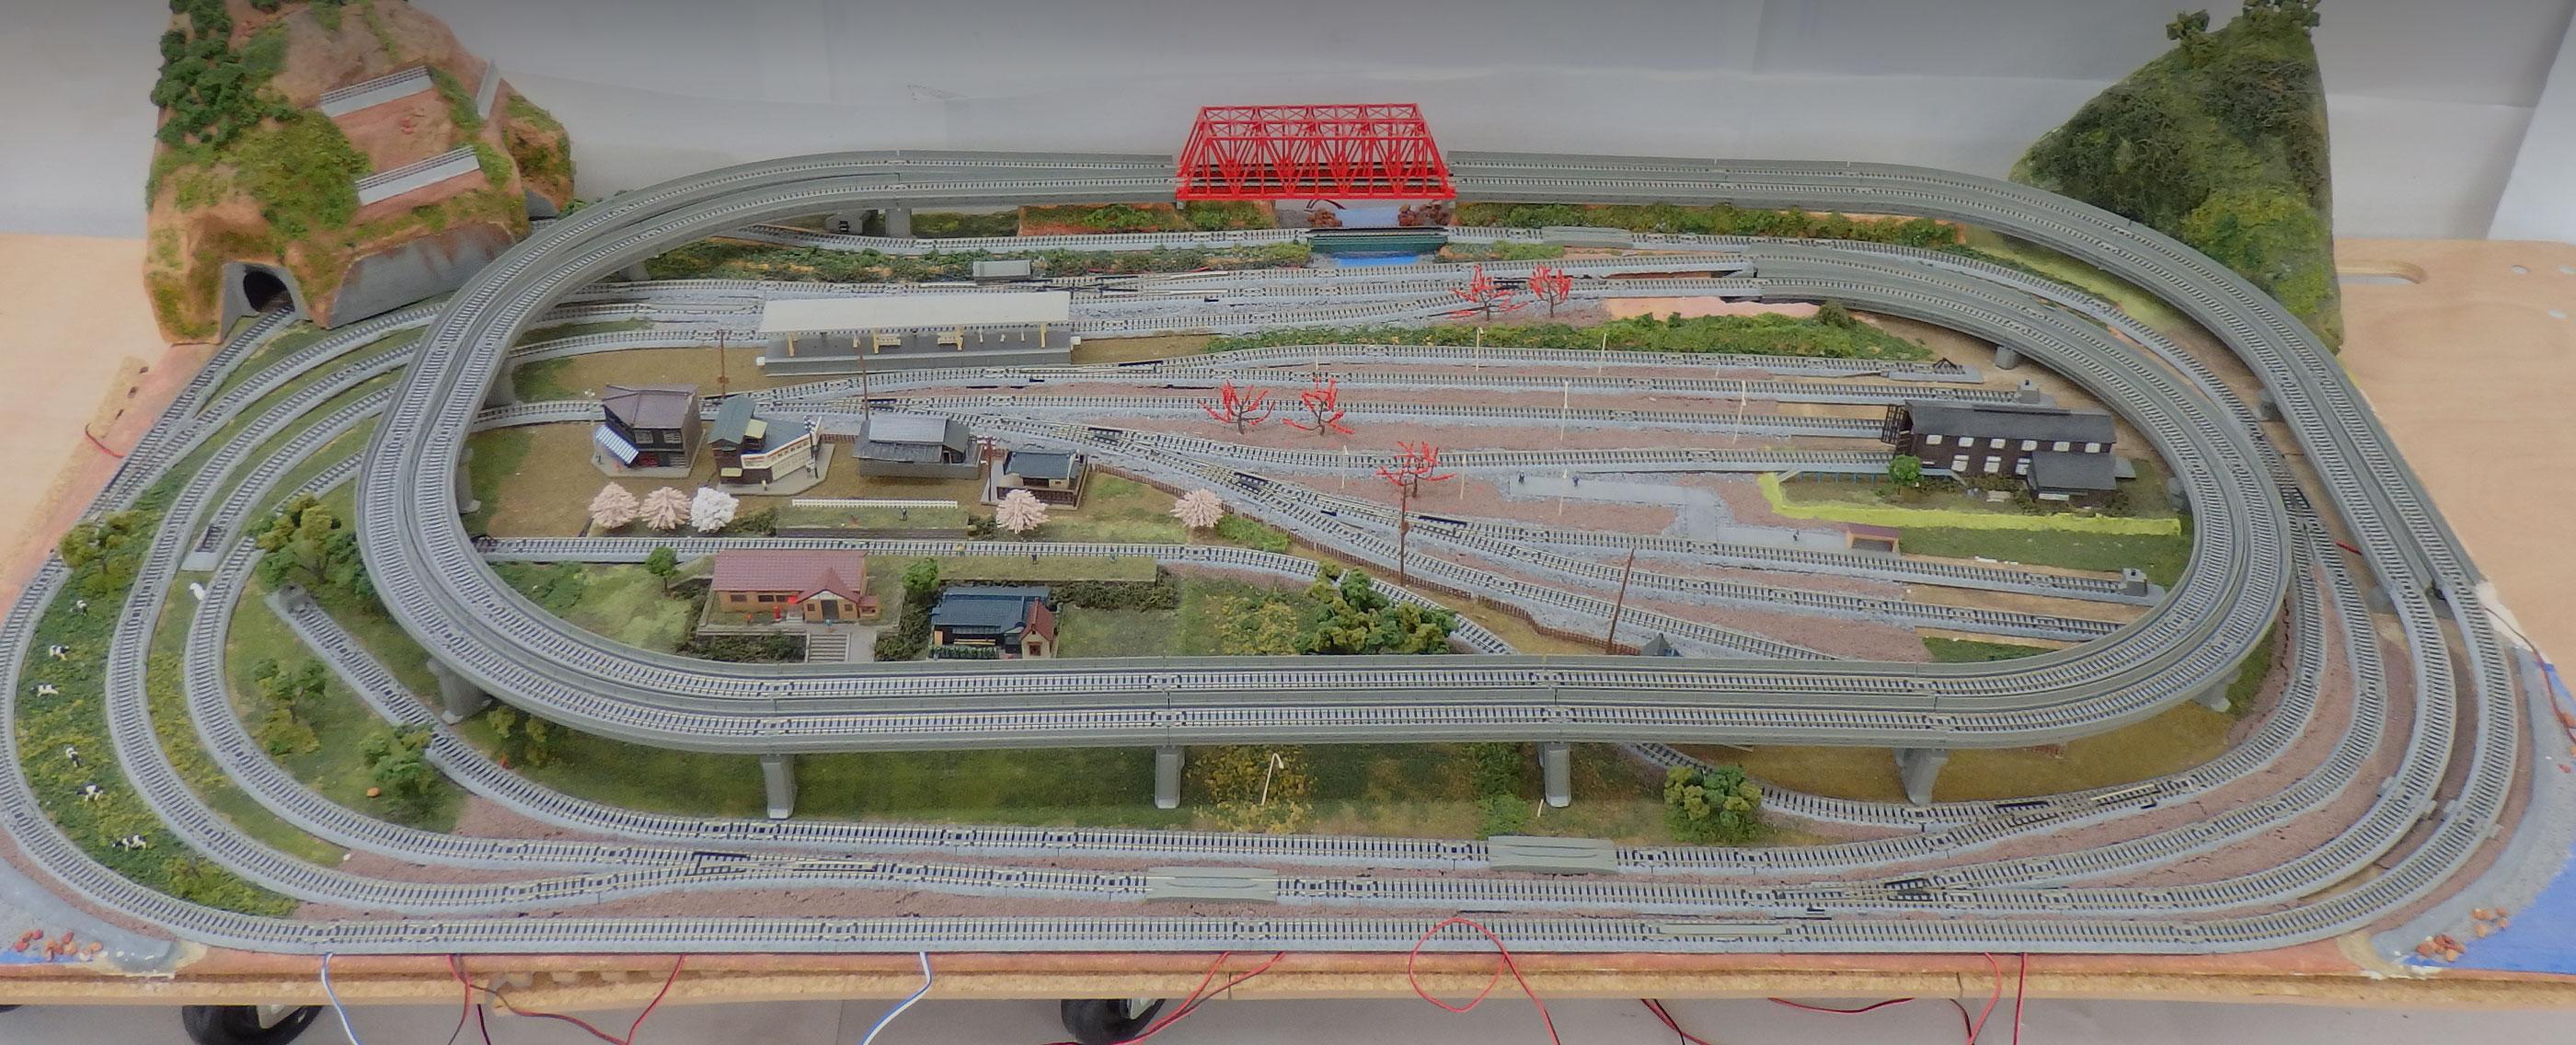 鉄道模型のジオラマ